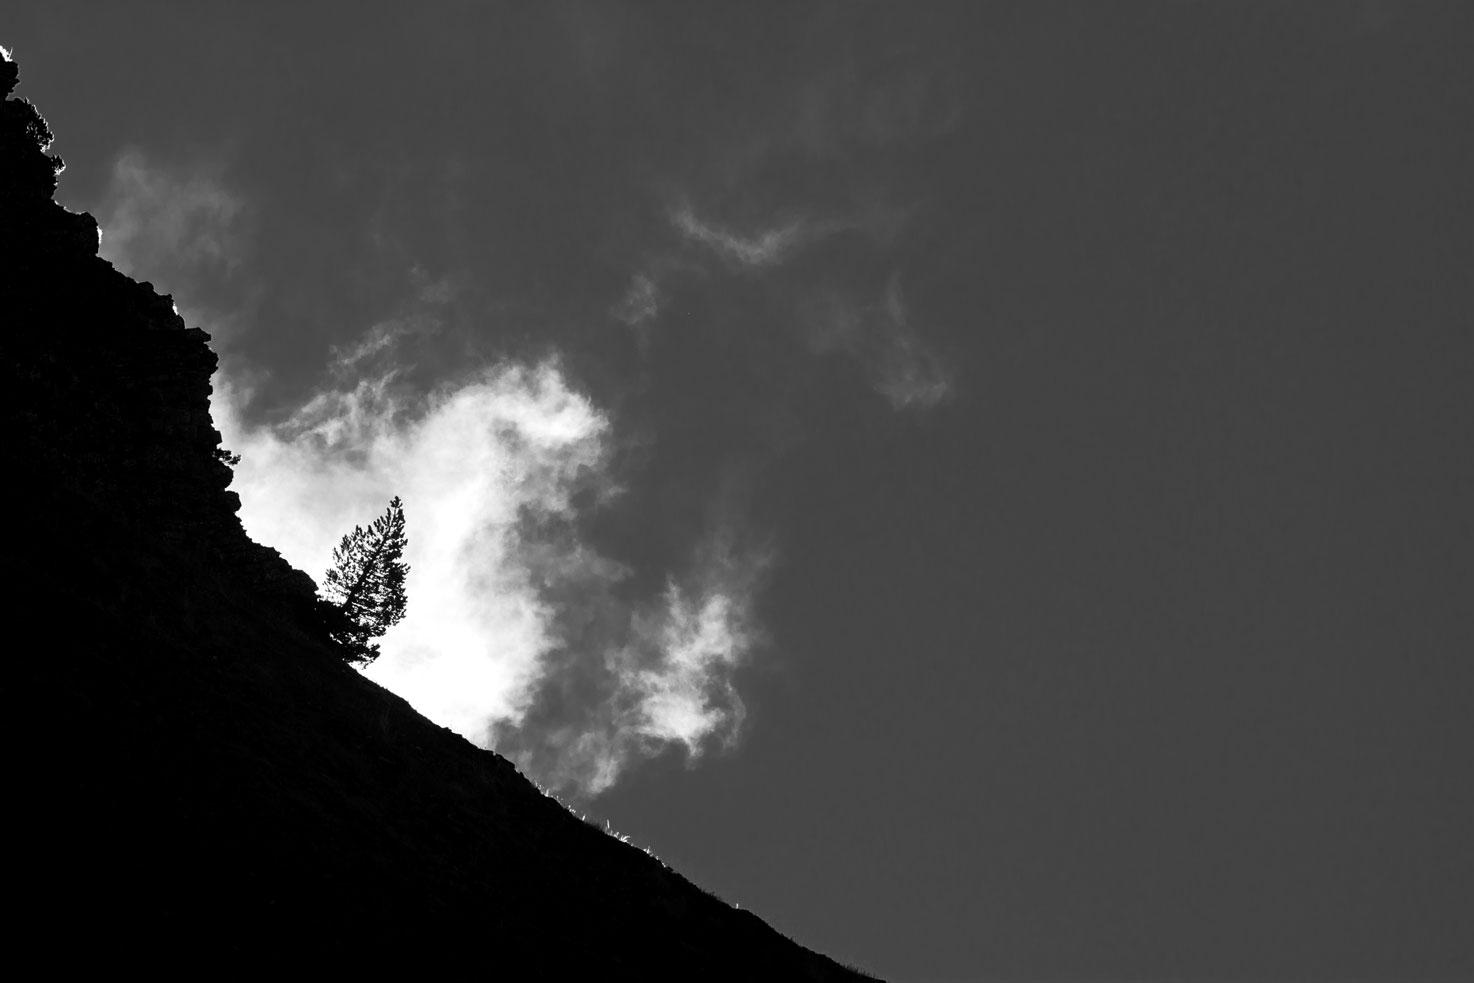 El gran luchador, Larra. - Archivo - Iñaki Larrea, Fotografía de naturaleza y montaña